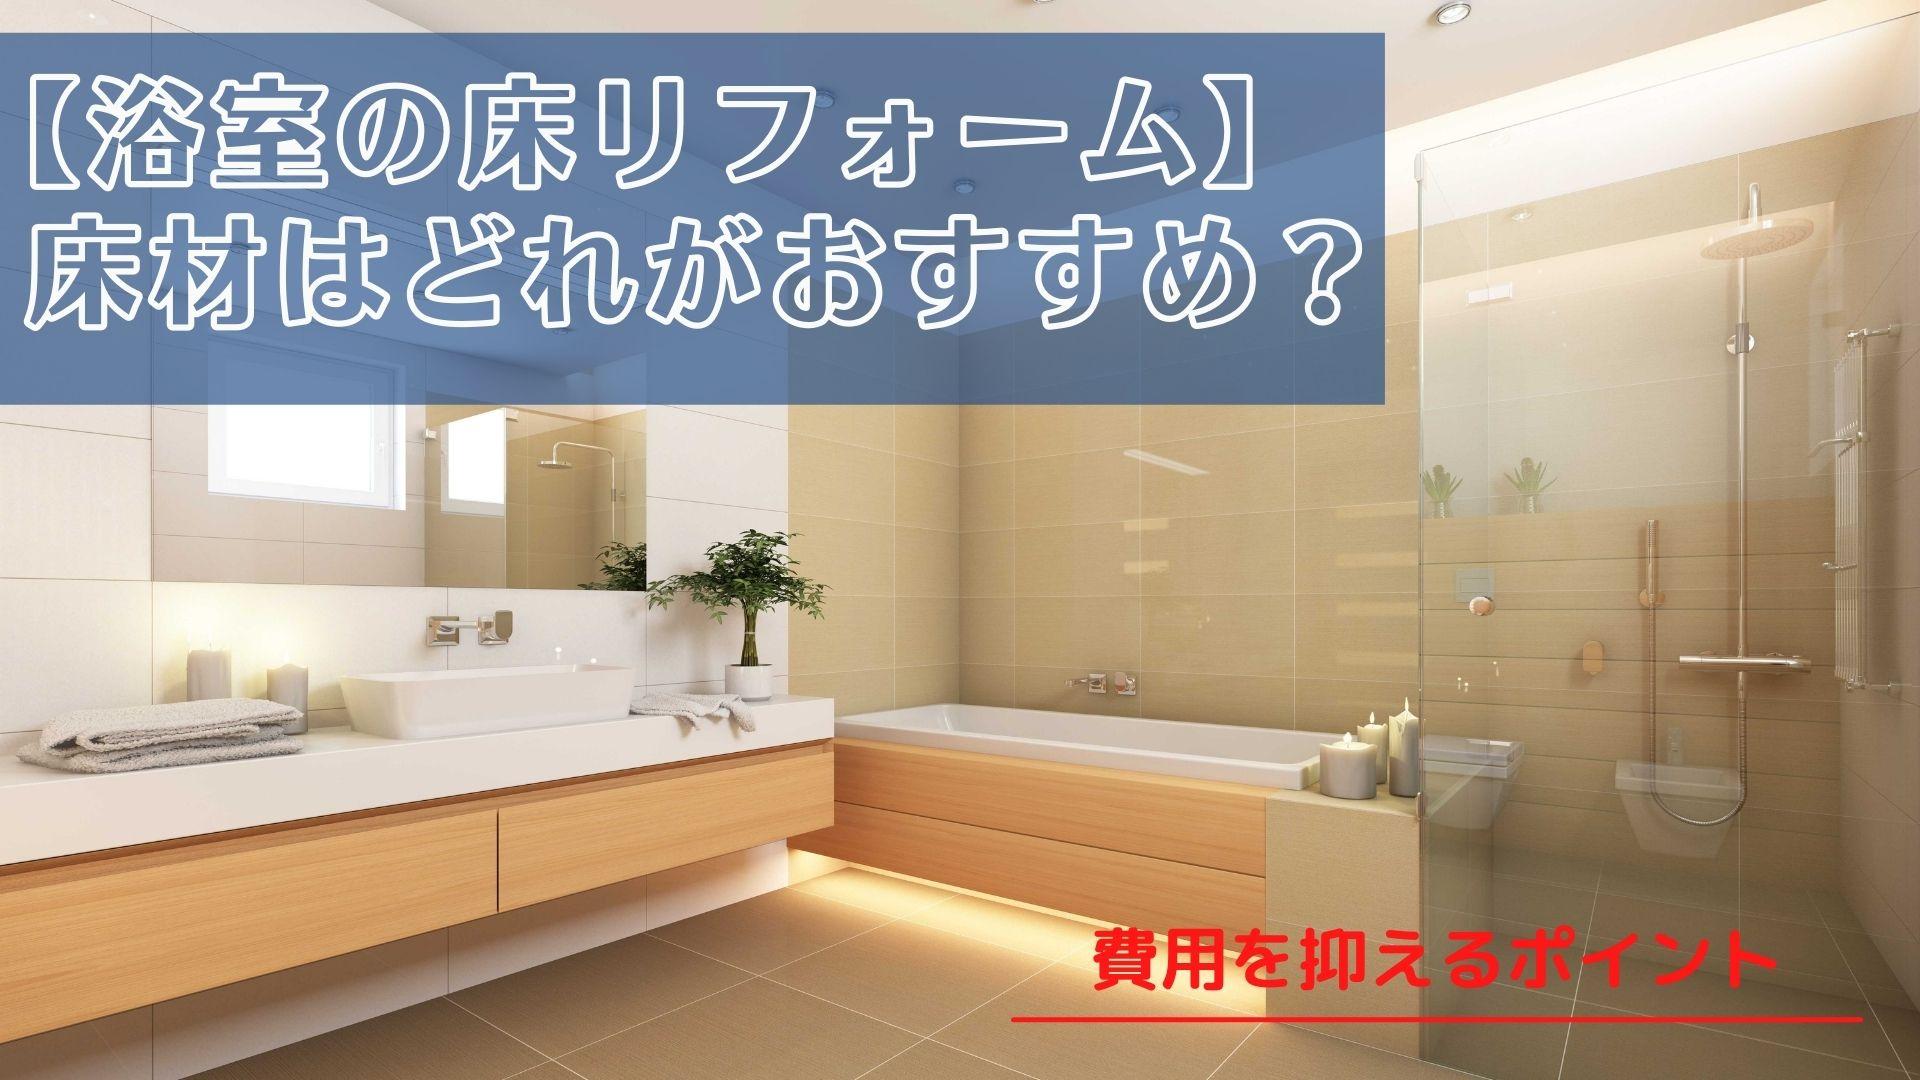 浴室の床リフォーム 床材はどれがおすすめ?